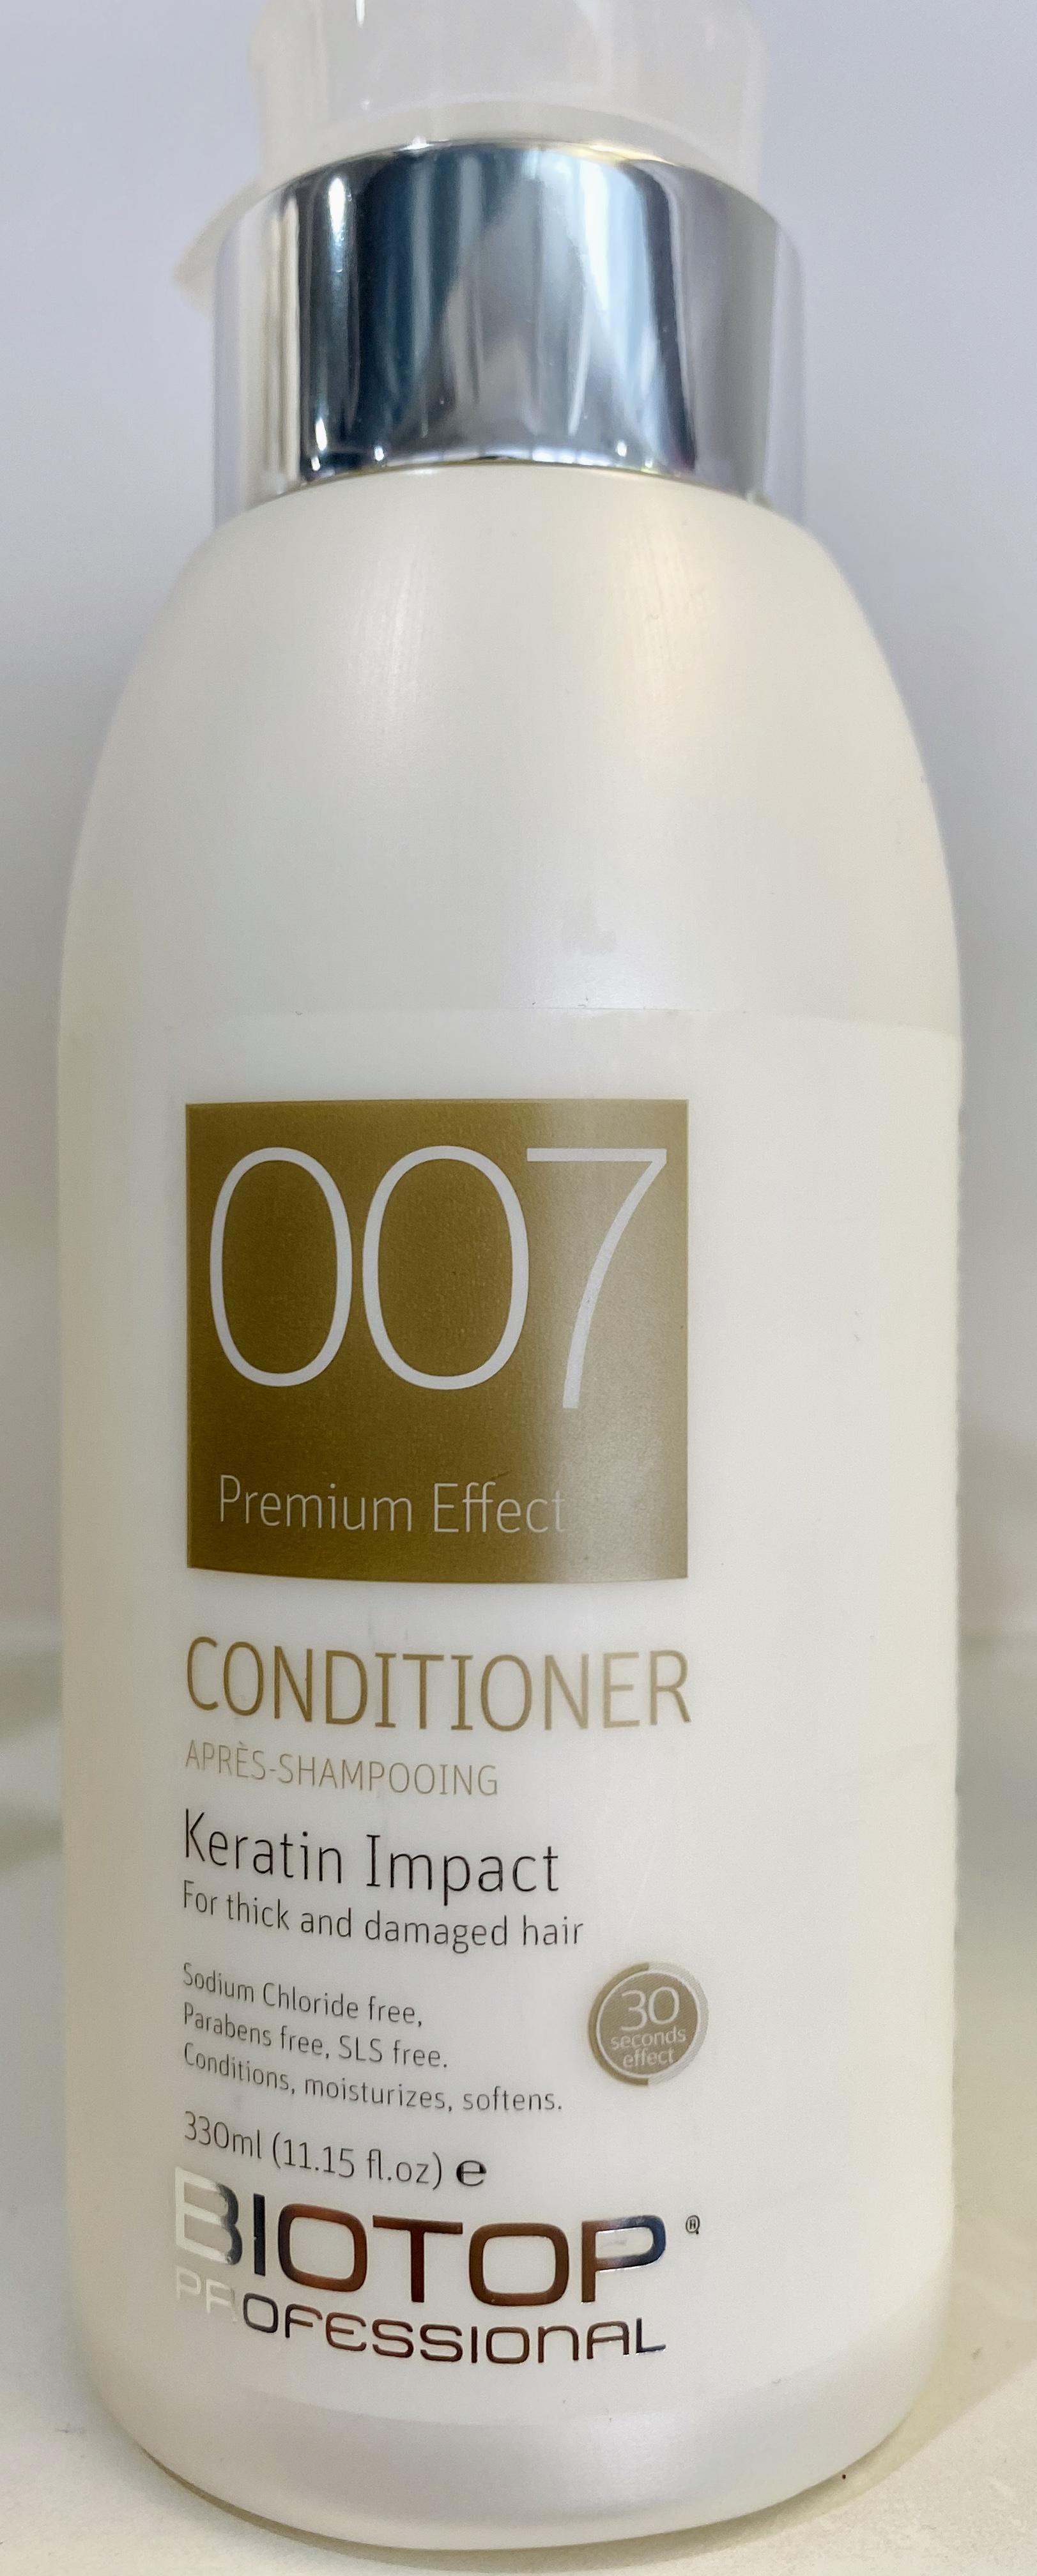 007 Conditioner